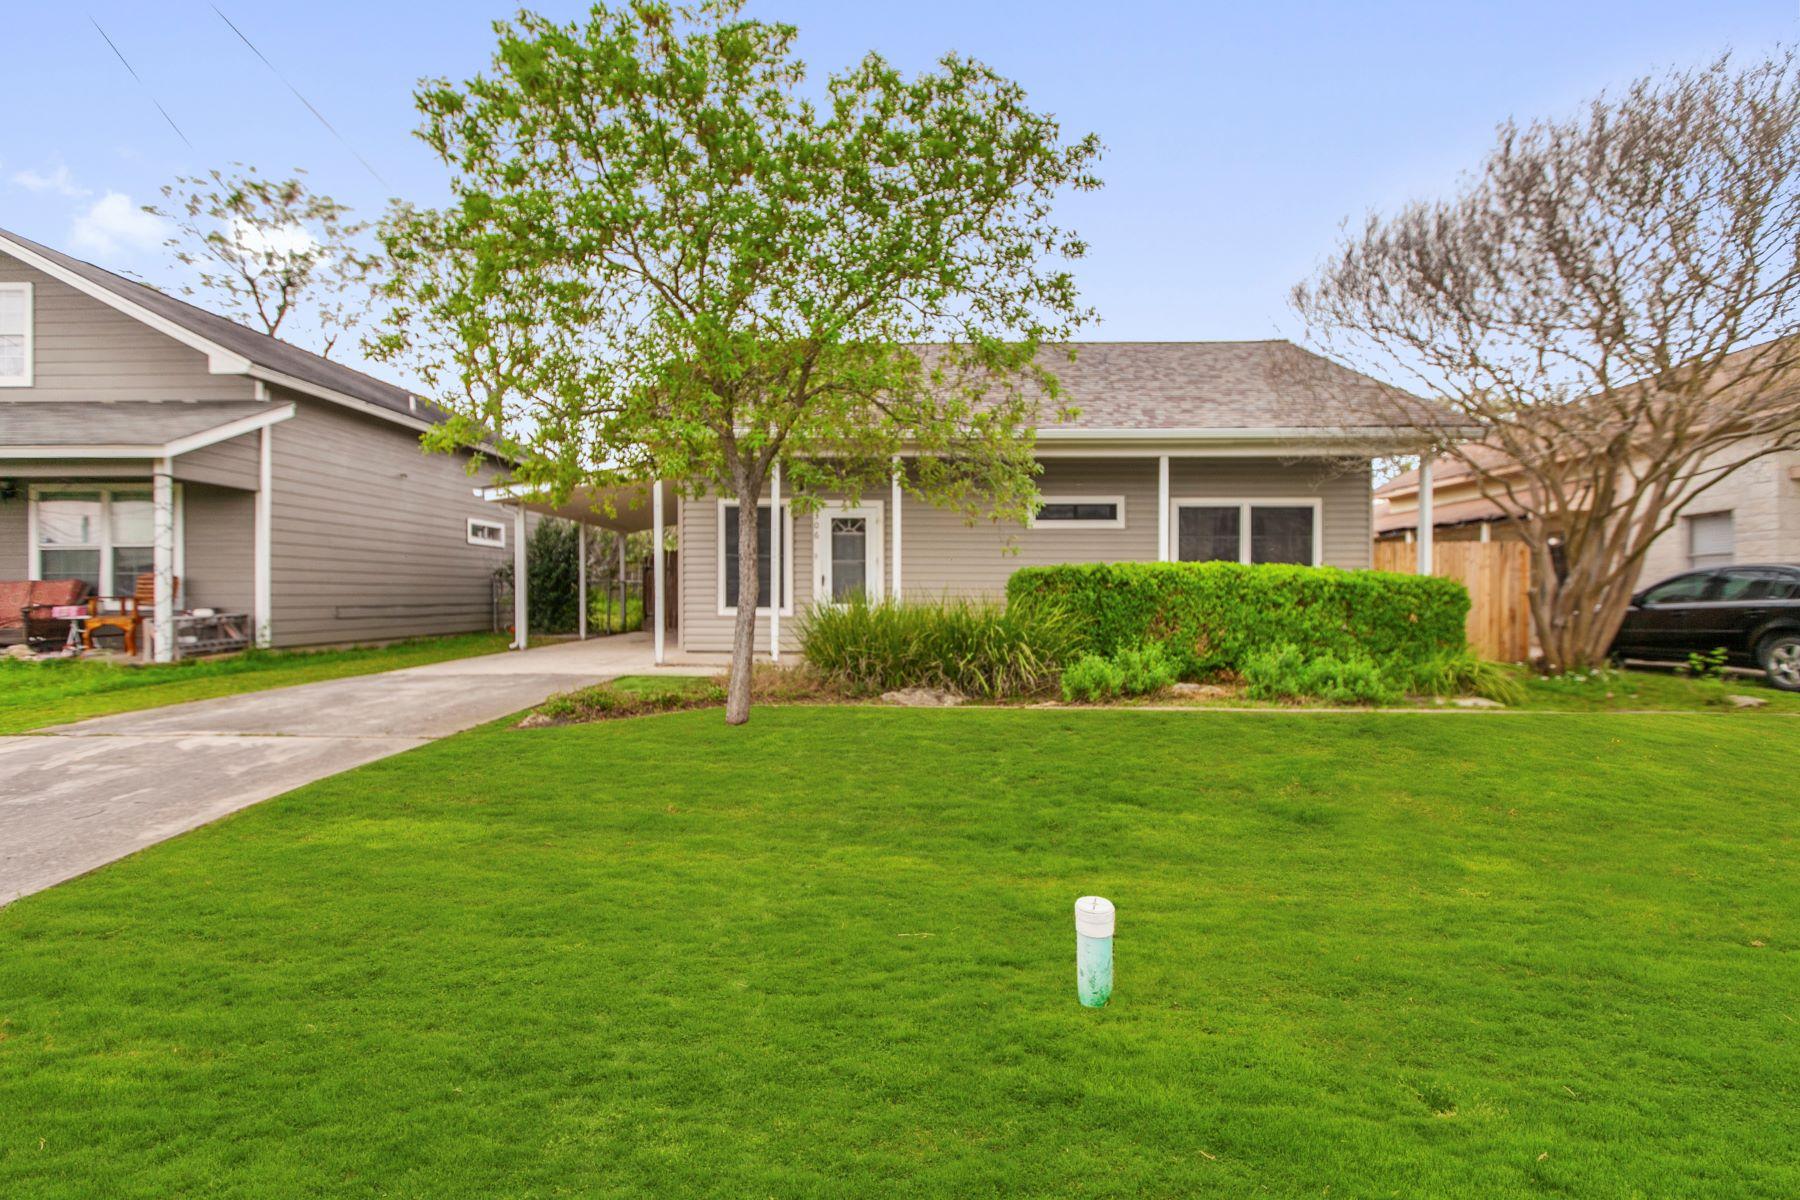 Single Family Homes für Verkauf beim 306 North Meyer Street, Kyle, TX 78640 306 N Meyer Street, Kyle, Texas 78640 Vereinigte Staaten